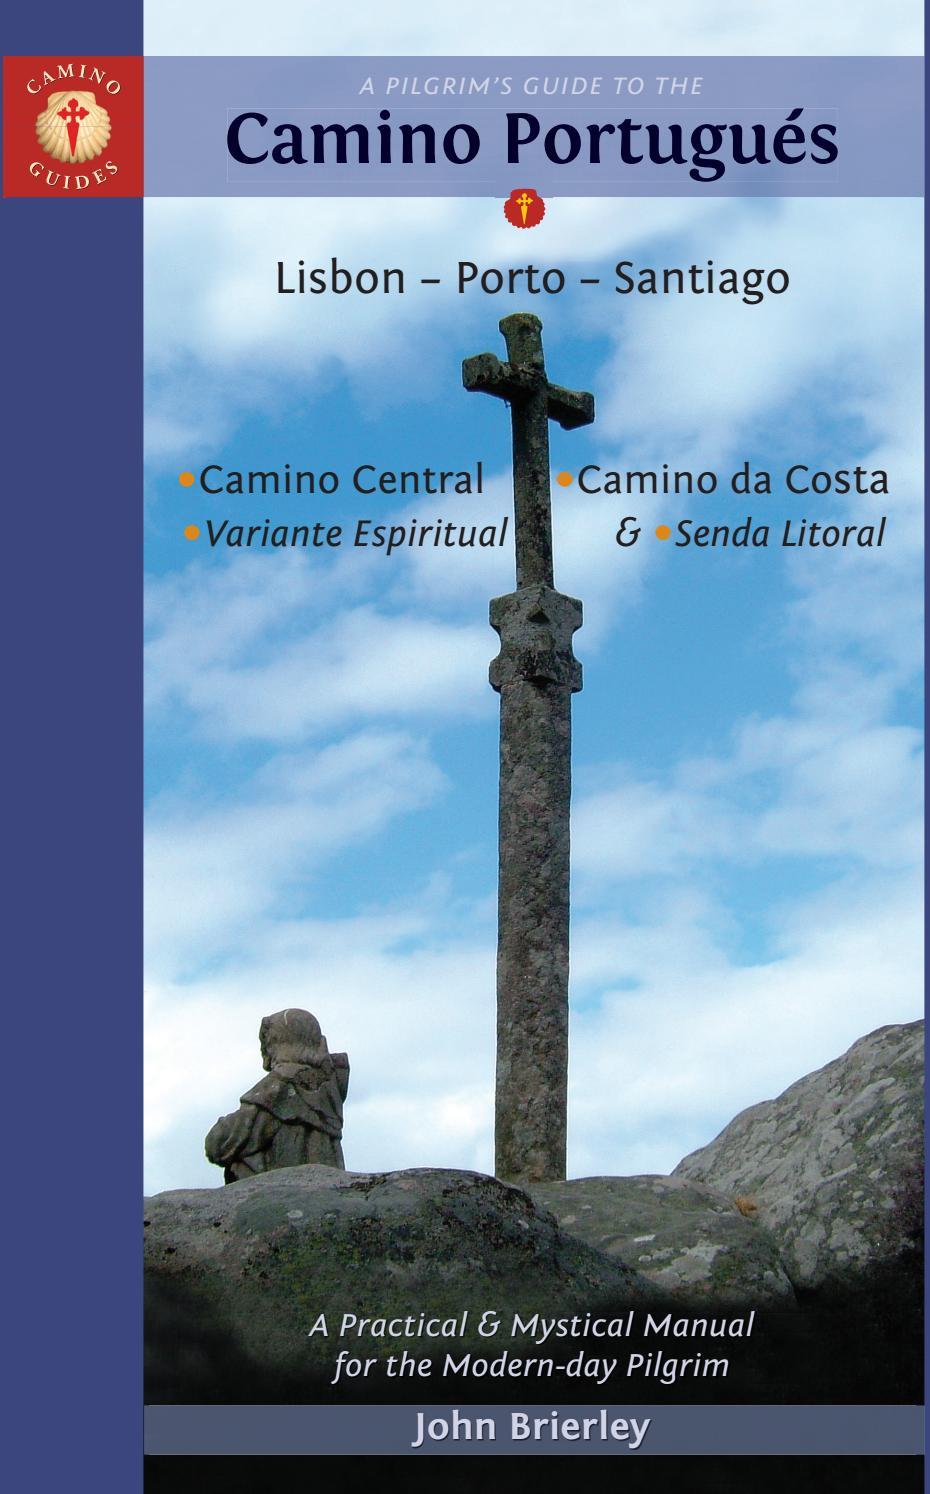 Porta Tv Brest.A Pilgrim S Guide To The Camino Portuguese 2019 Edition